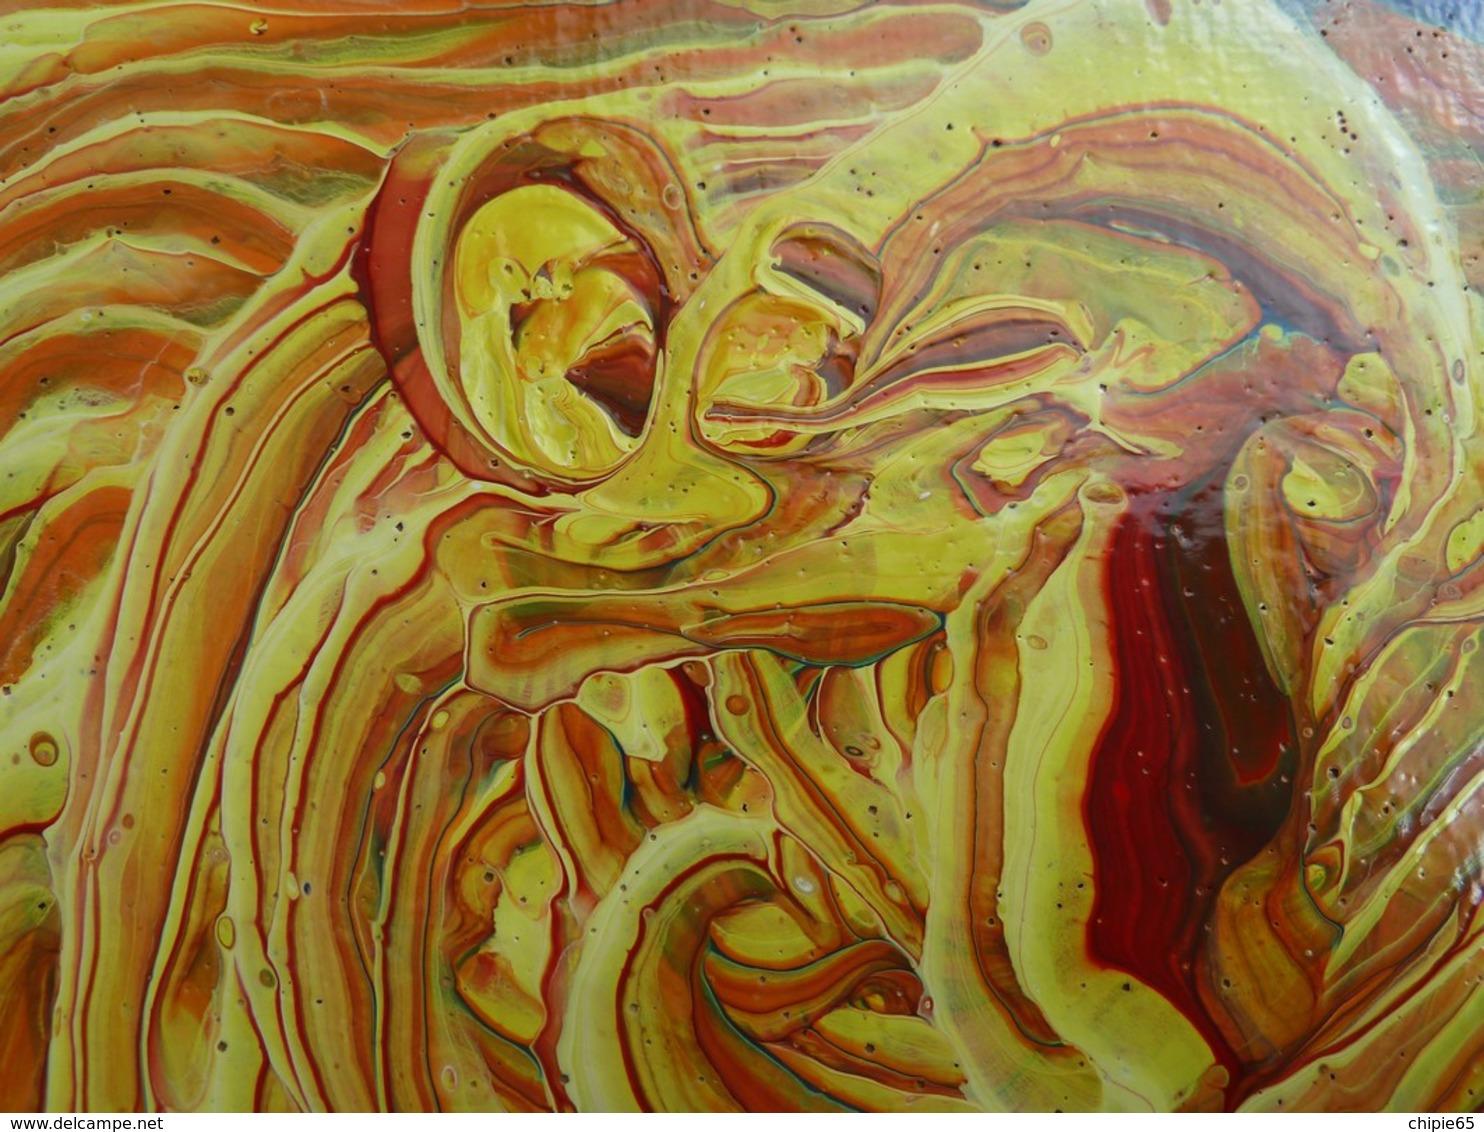 Tableau Acrylique Moderne Réalisé En Technique Pouring. Forme Spirale - Acryliques